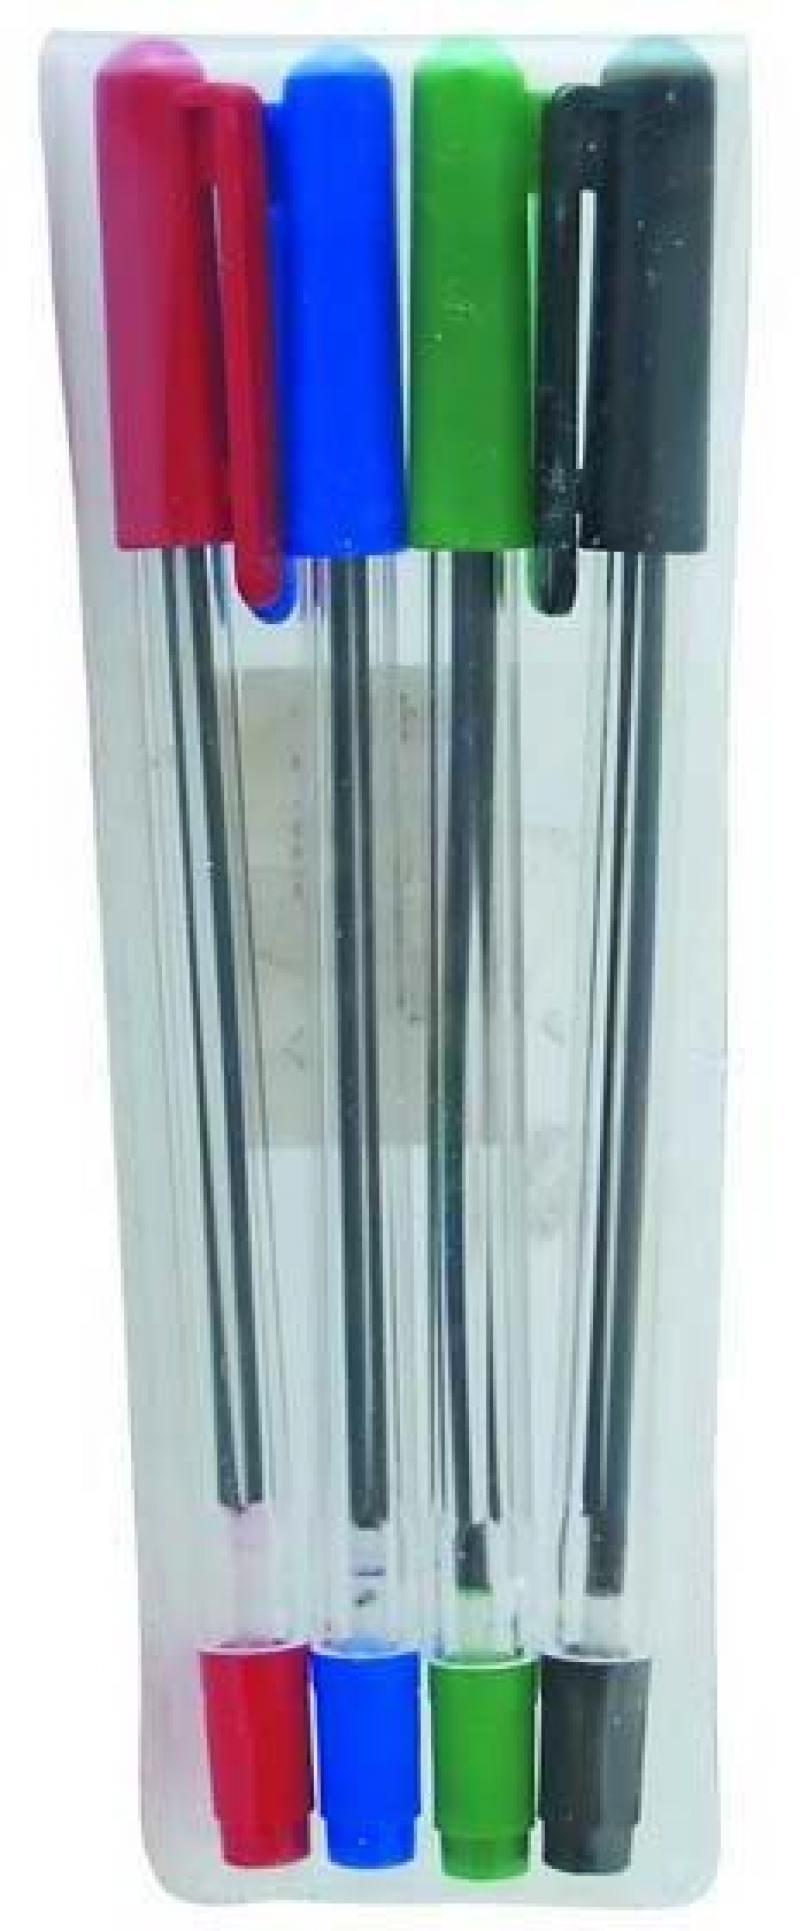 Набор шариковых ручек СТАММ РС07 4 шт разноцветный 1 мм РС07 набор шариковых ручек fiore 4 шт цвет синий